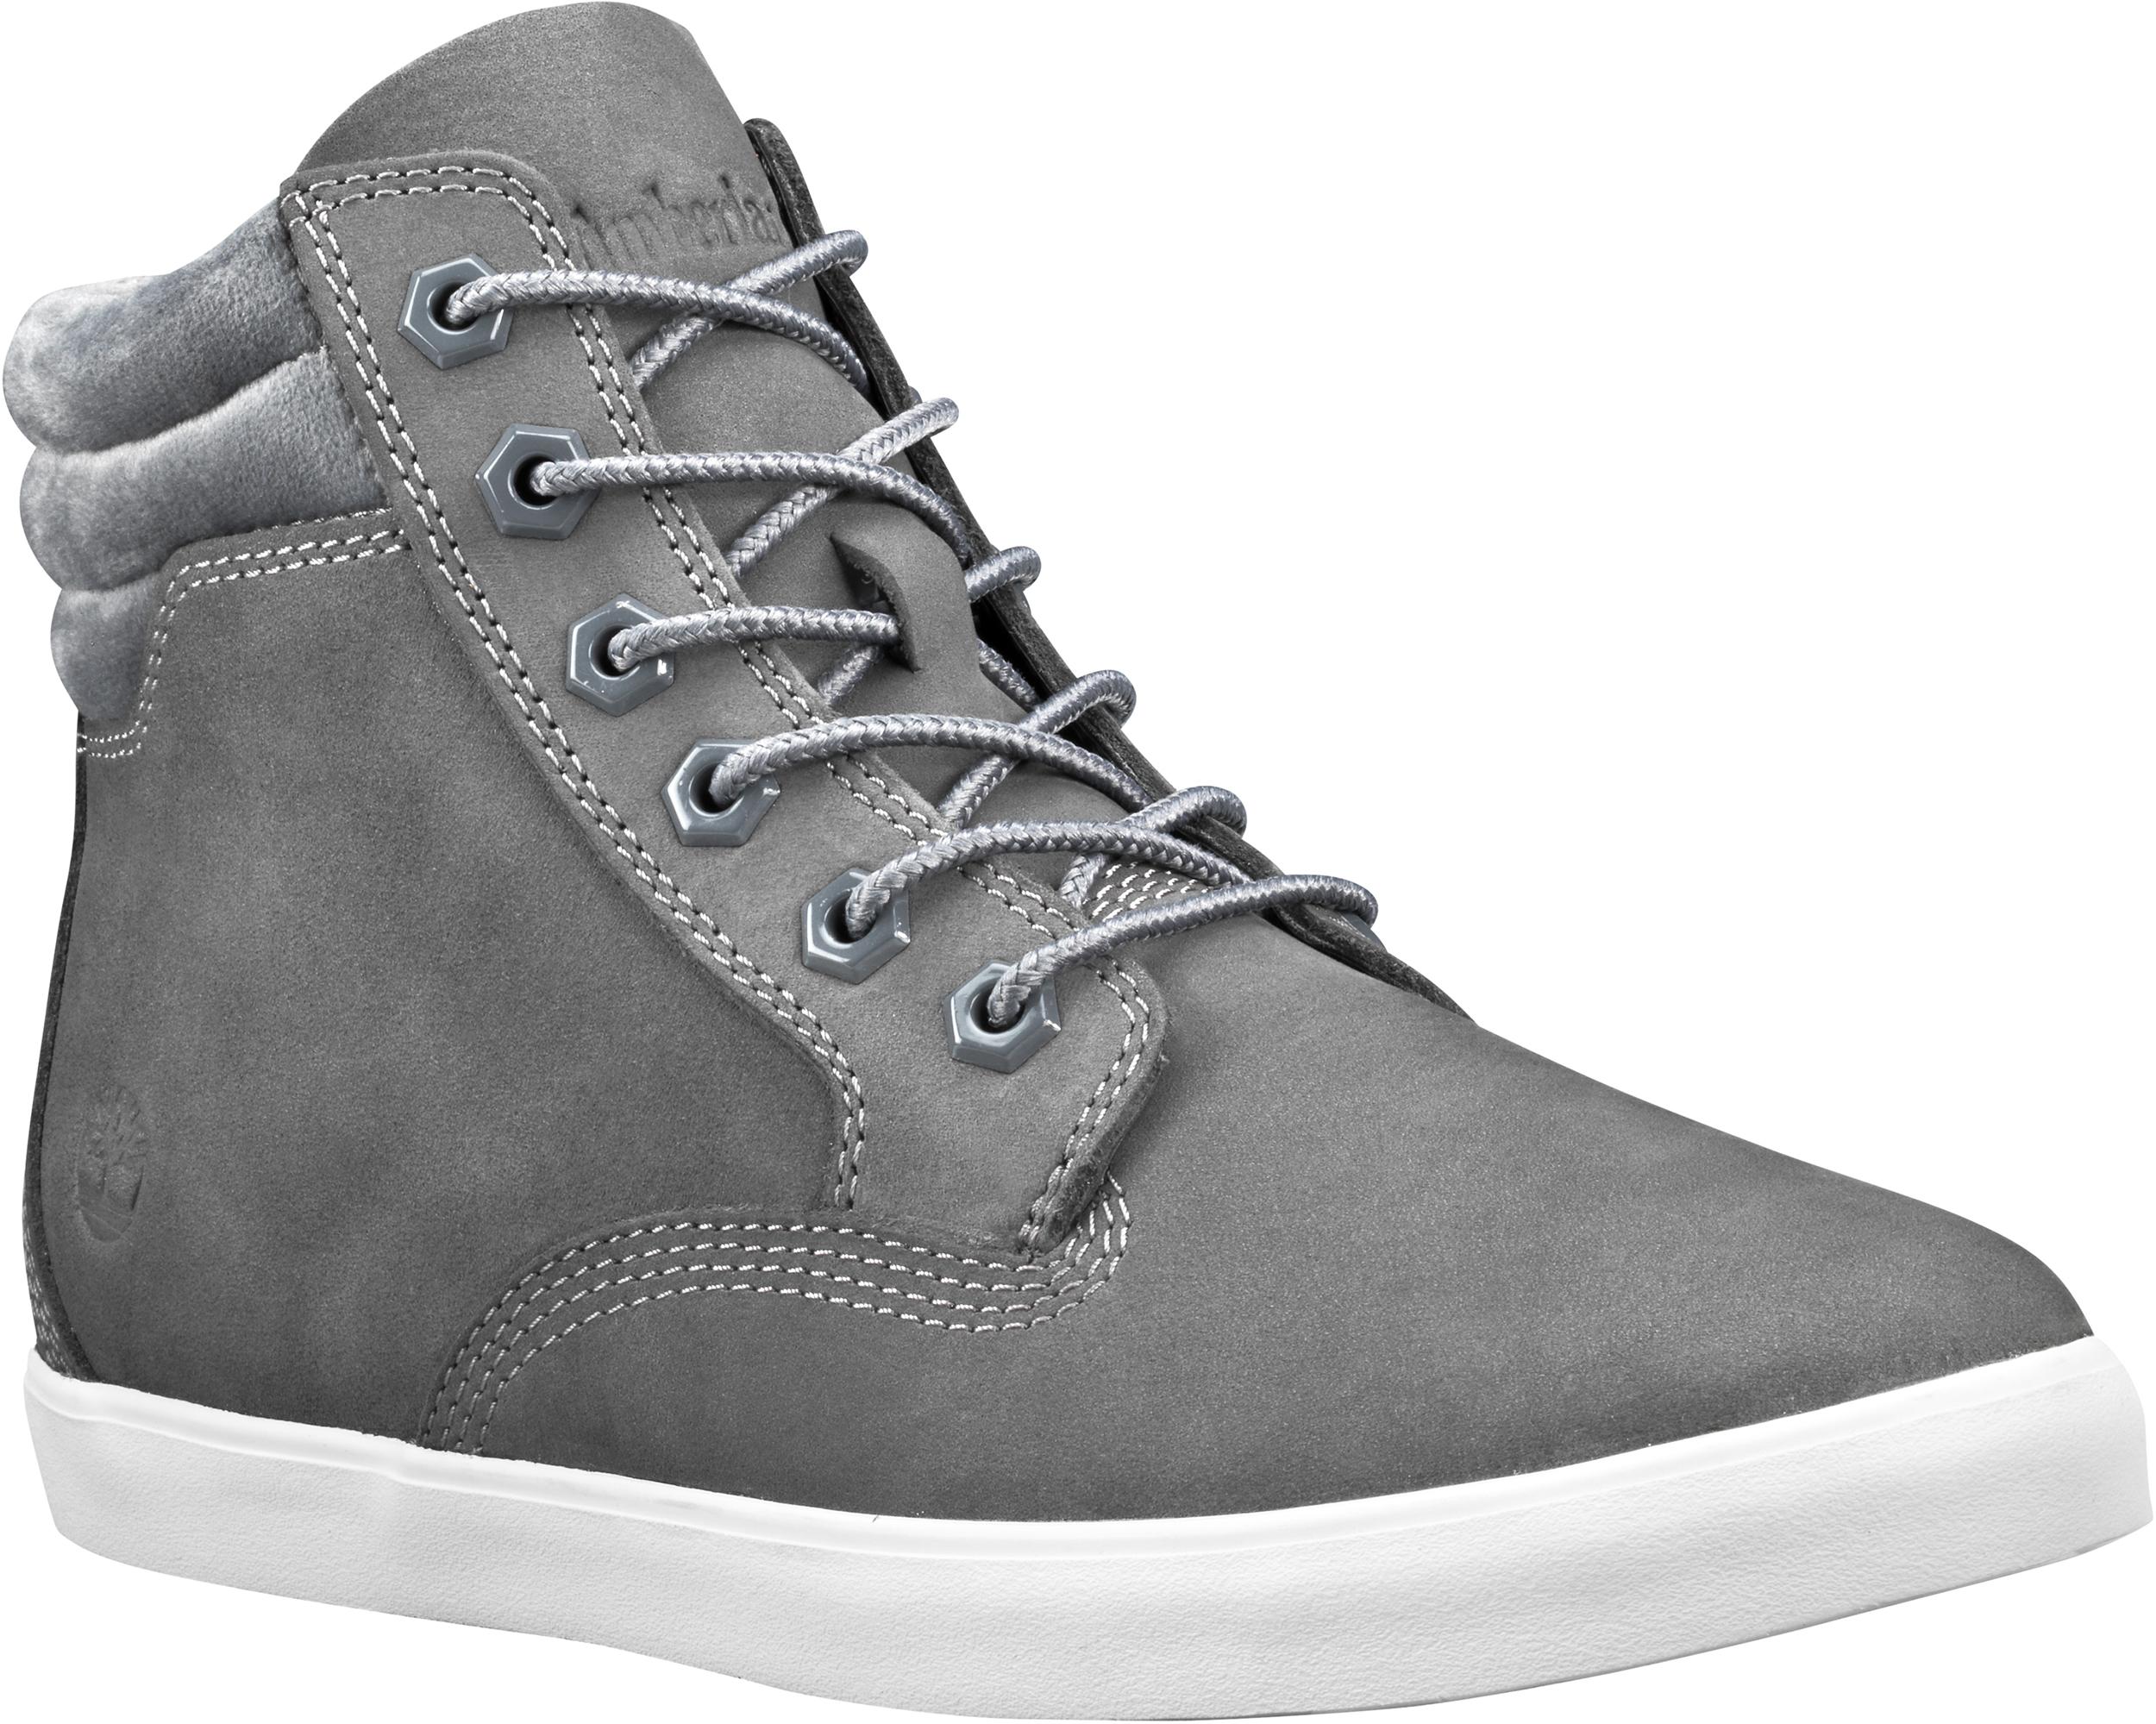 fad07b40e2a Timberland Boots | MEC